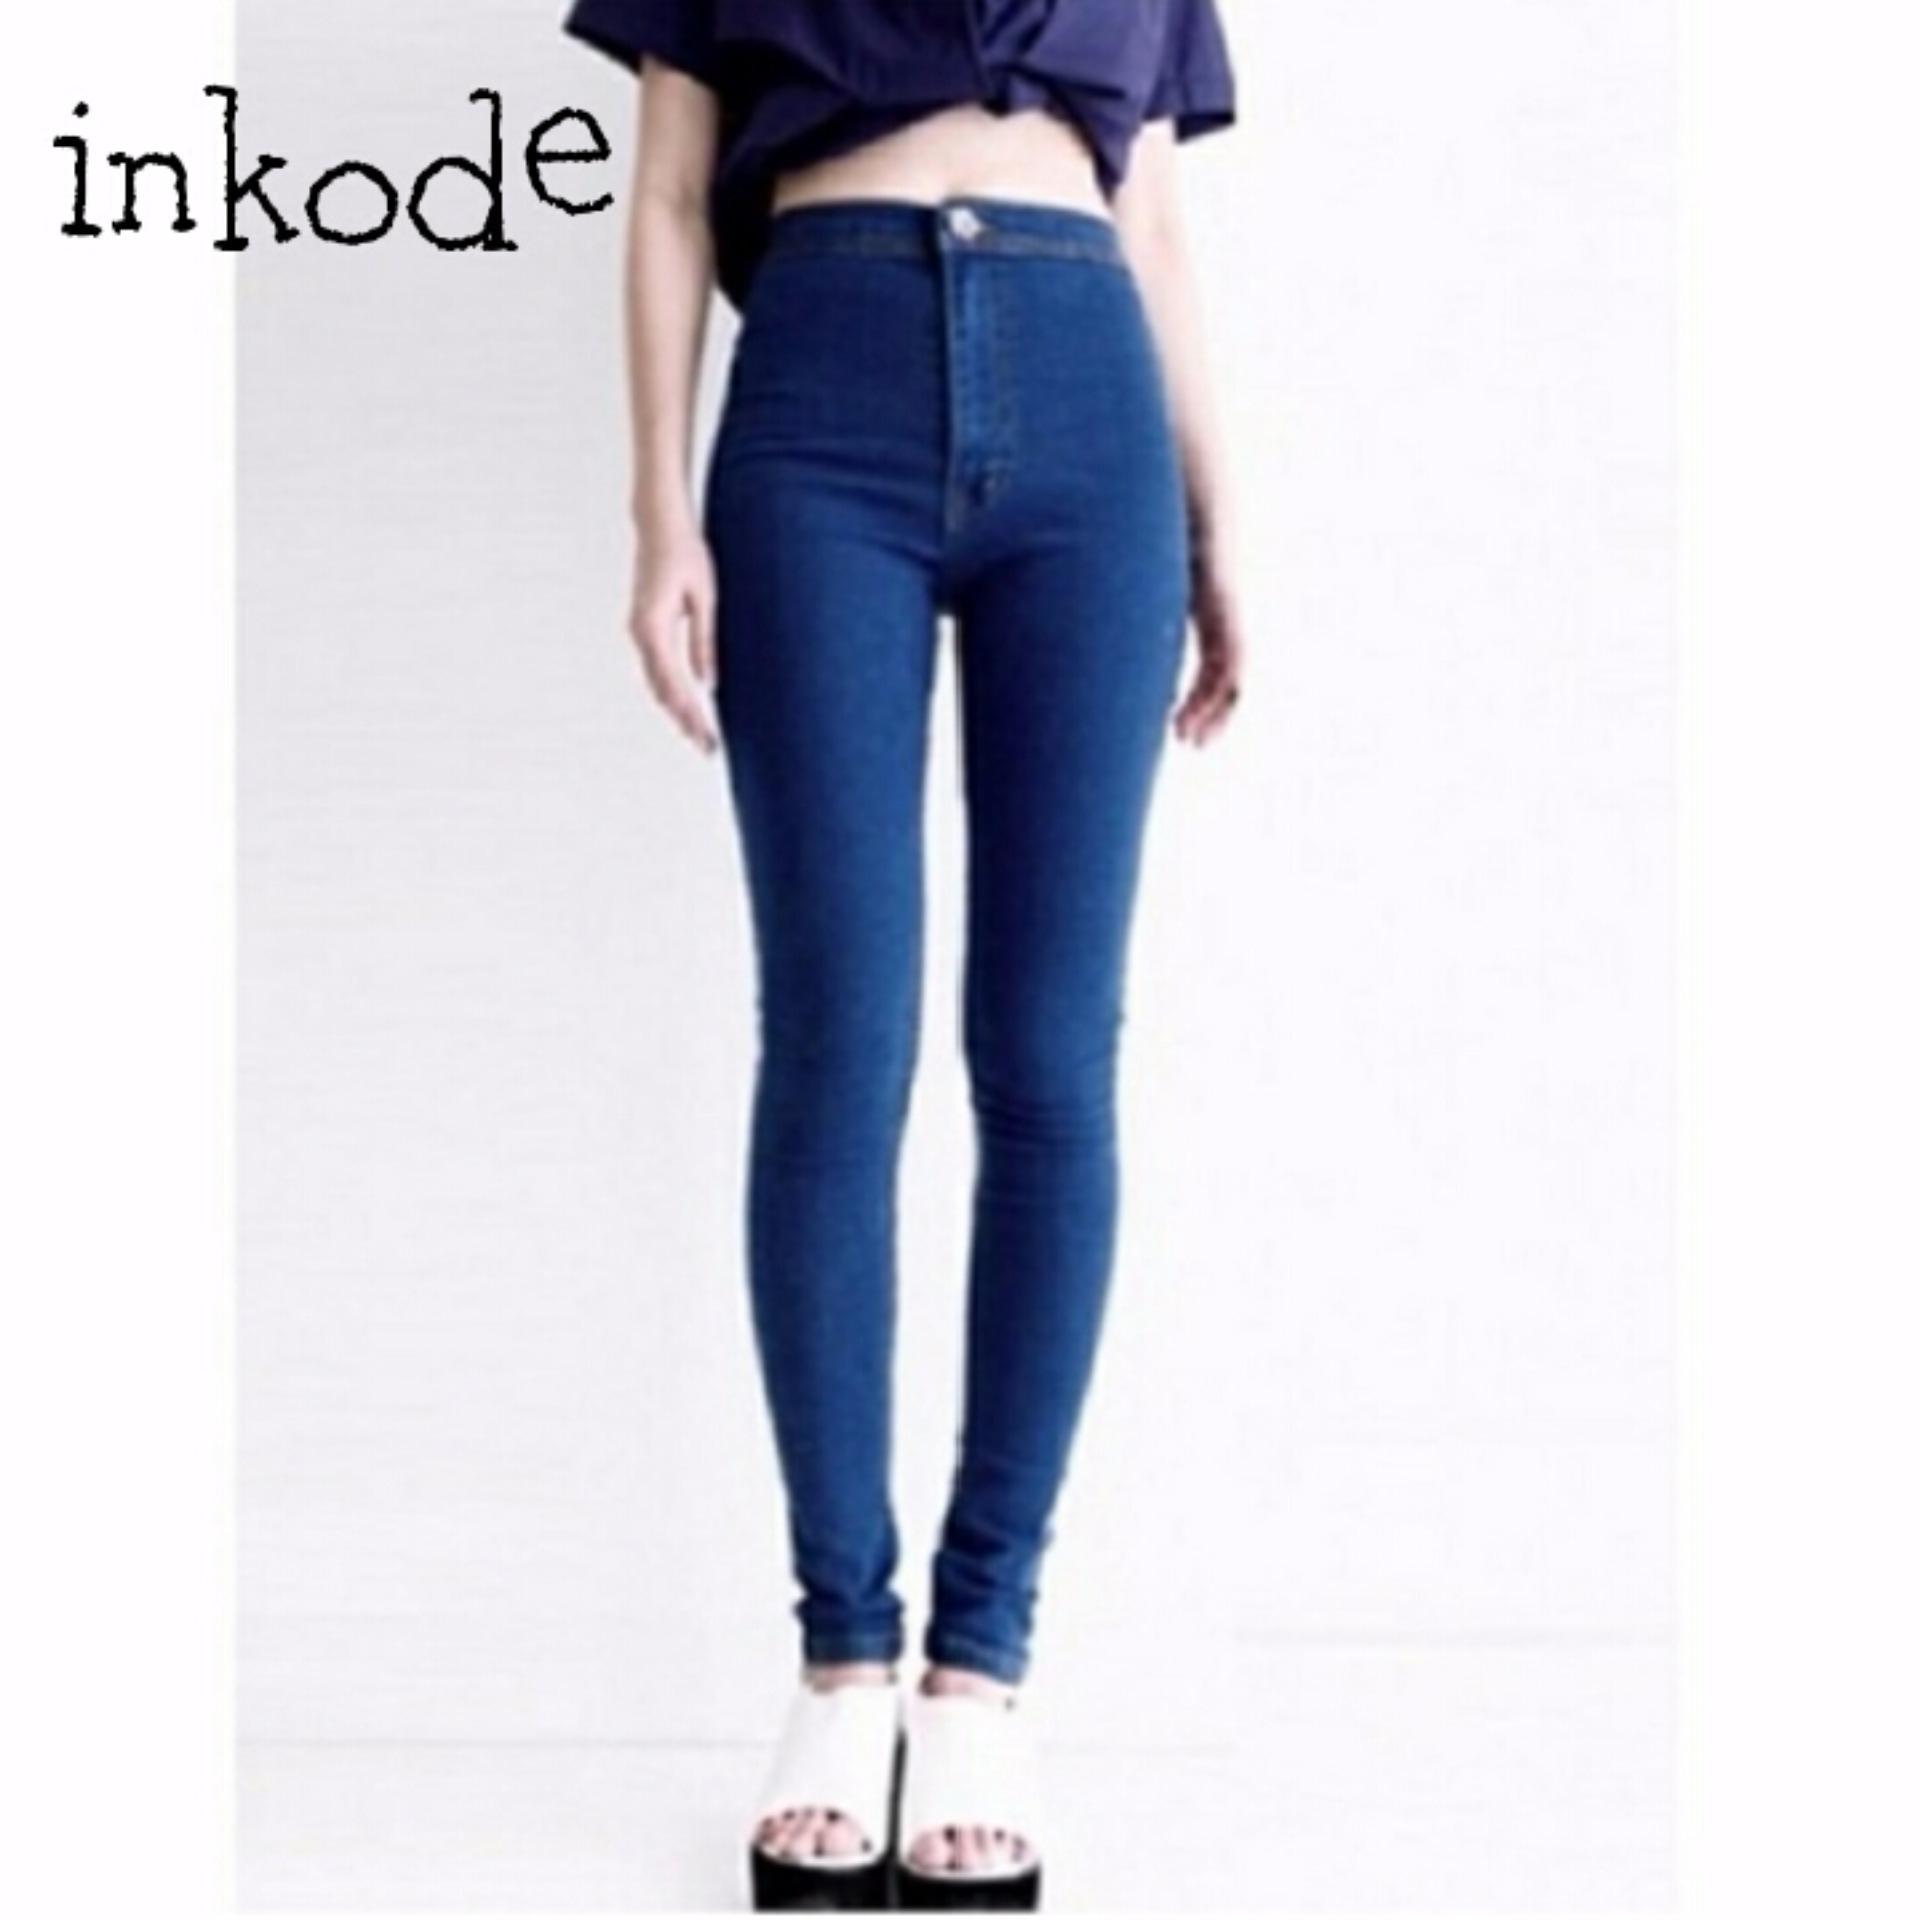 Celana Jeans Wanita Import-Original Denim-Harga Murah-Blue Nusantara Jeans - Celana Jeans Wanita Skinny Ripped Ristleting Erigo Berbahan Denim